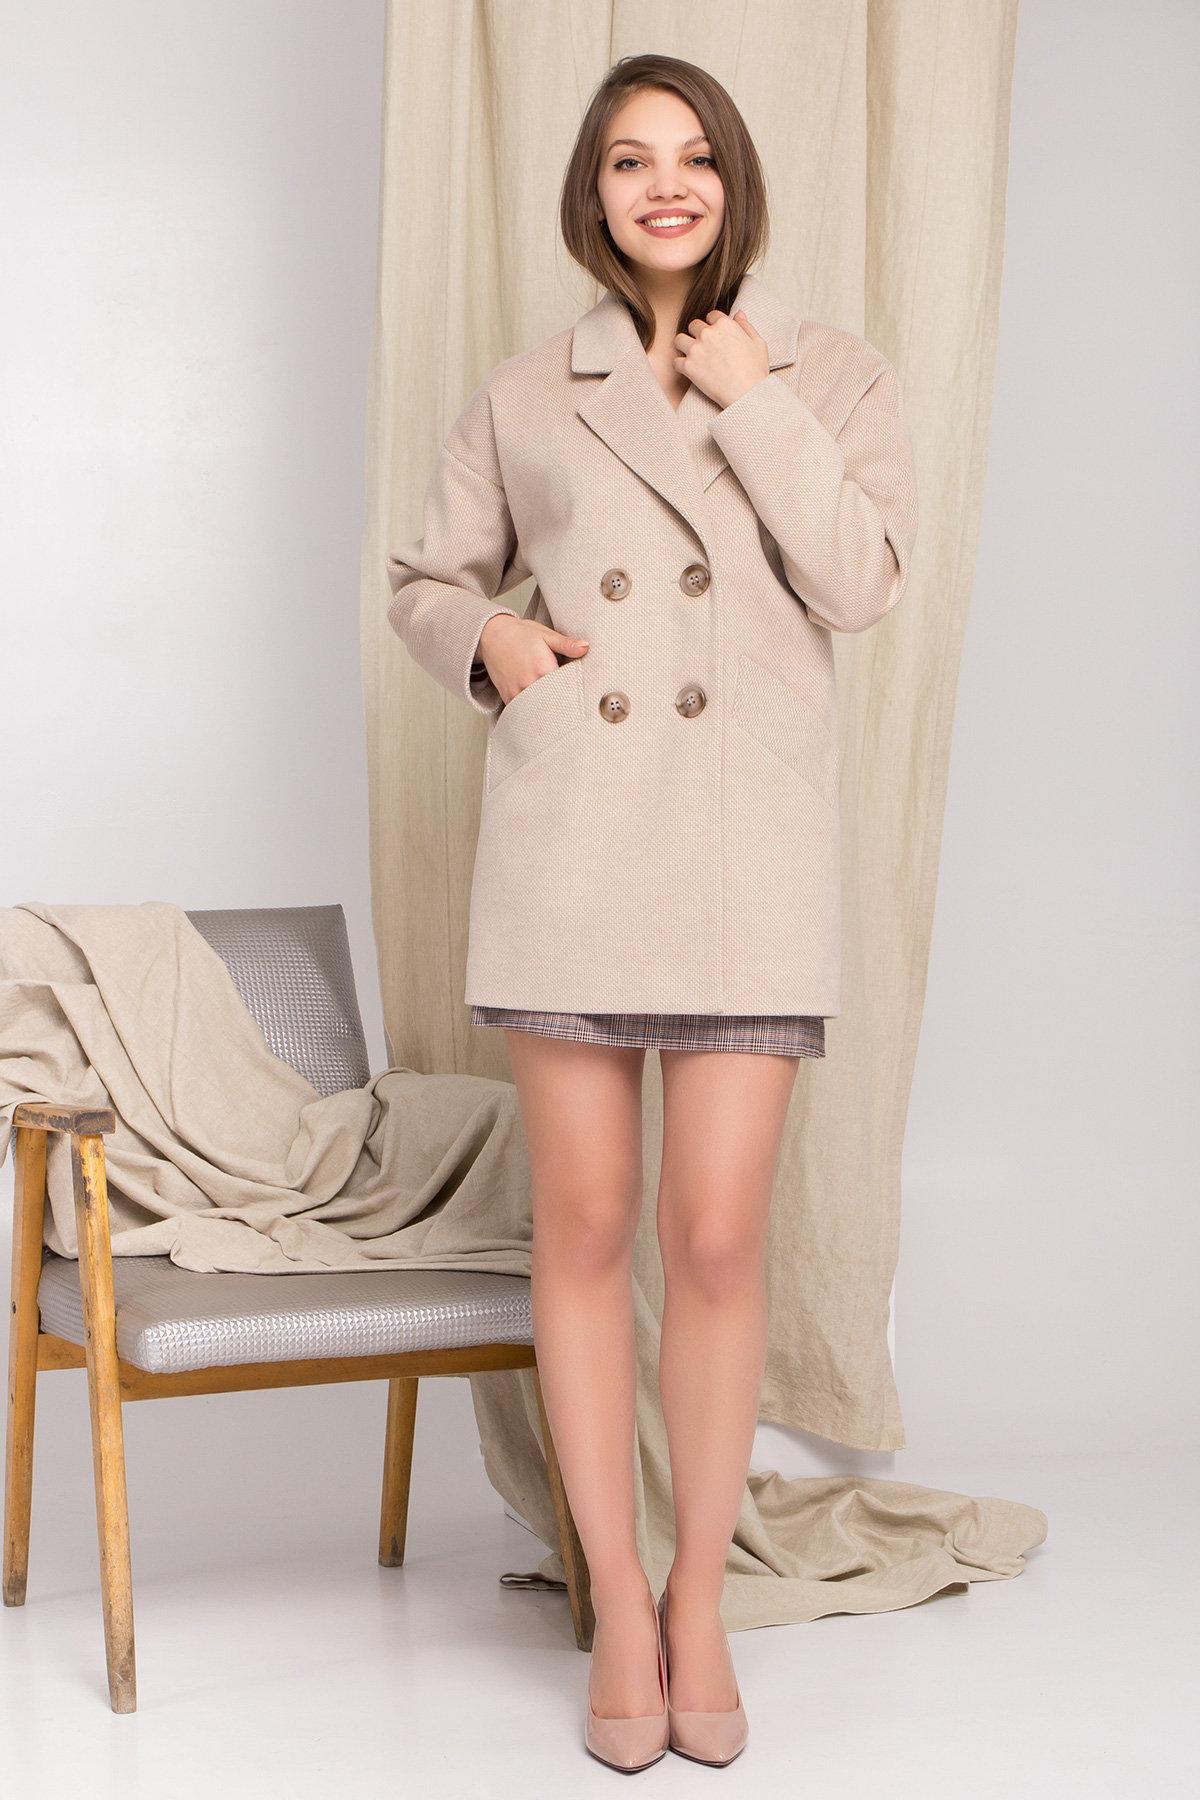 Демисезонное двубортное пальто Бонд 8927 АРТ. 45227 Цвет: Бежевый Светлый - фото 1, интернет магазин tm-modus.ru